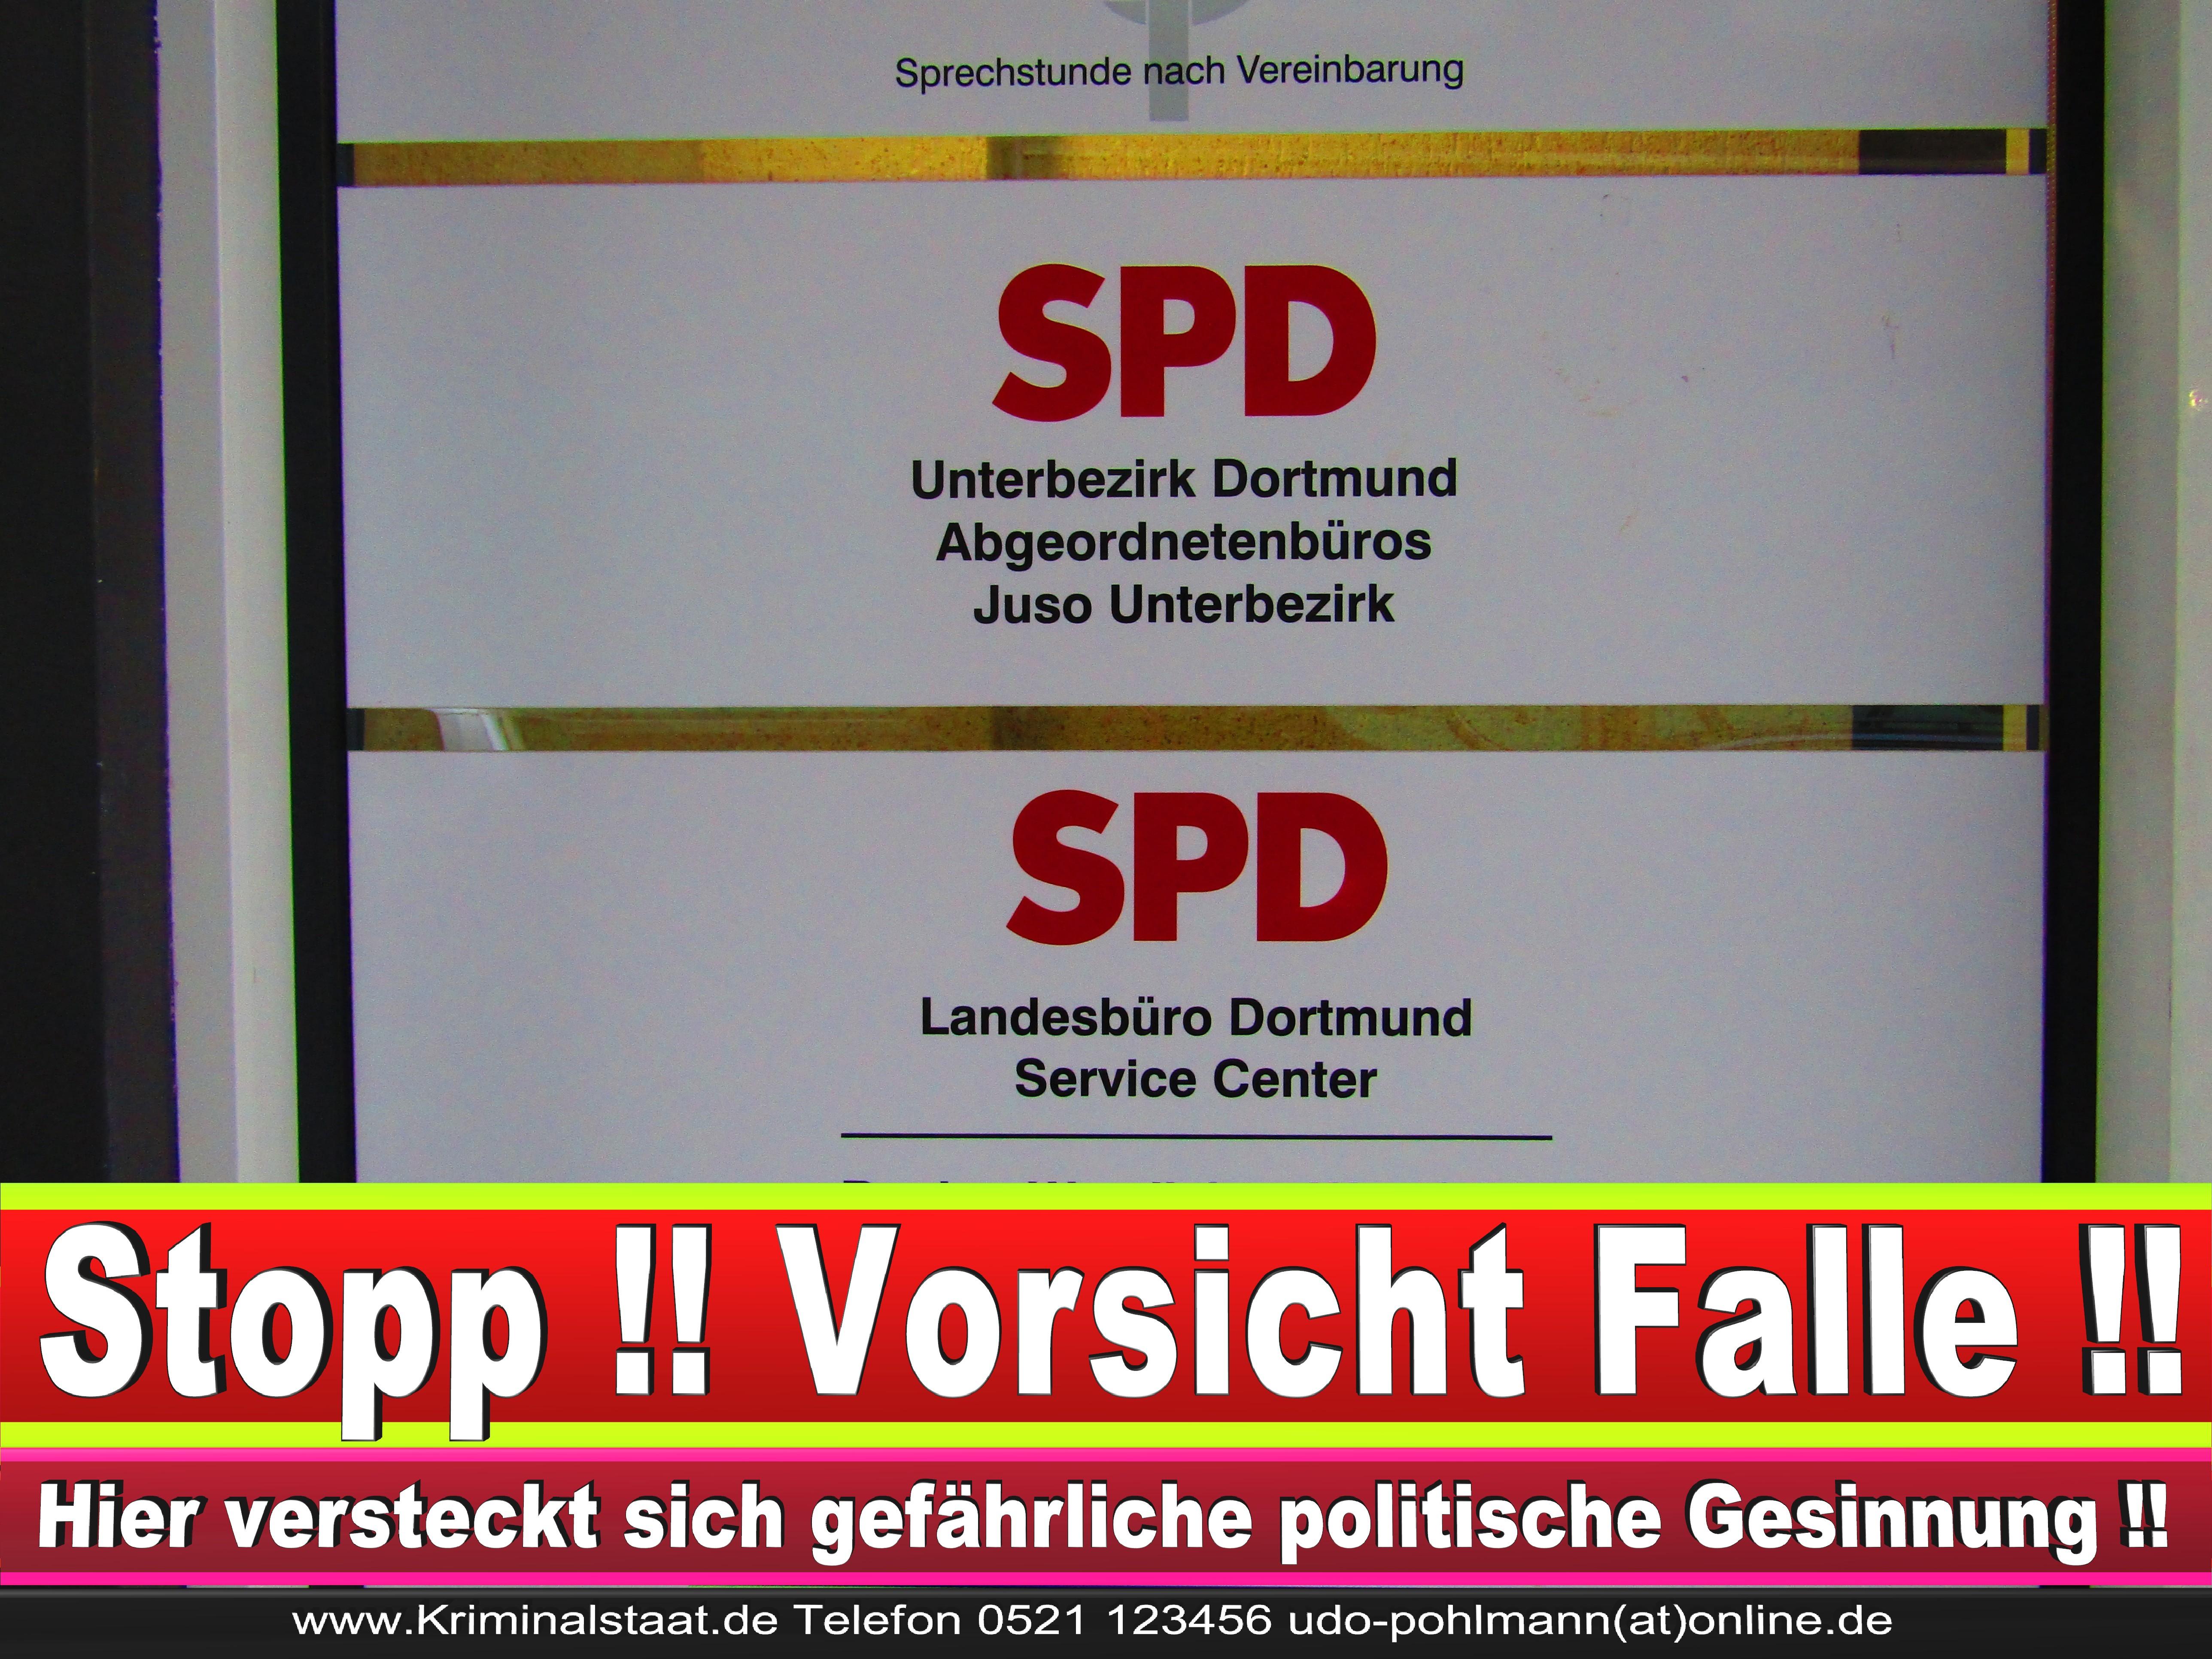 SPD DORTMUND UNTERBEZIRK BüRGERBüRO SPD ORTSVERBAND RAT STADT RATSMITGLIEDER SPD FRAKTION SPD NRW ADRESSE (6) 1